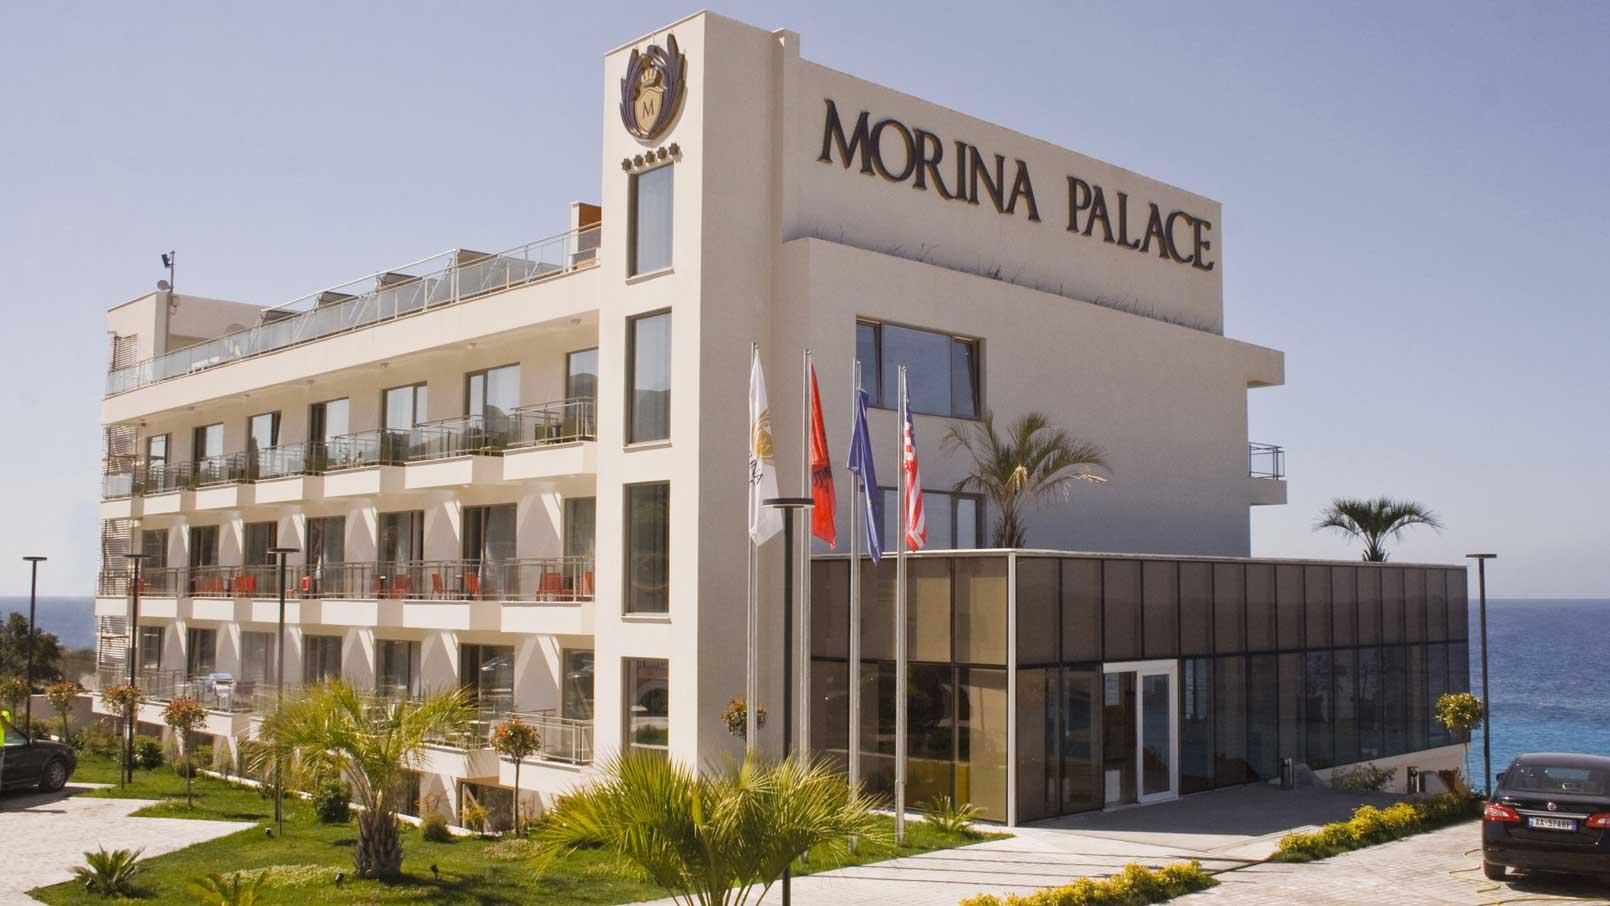 Morina palace